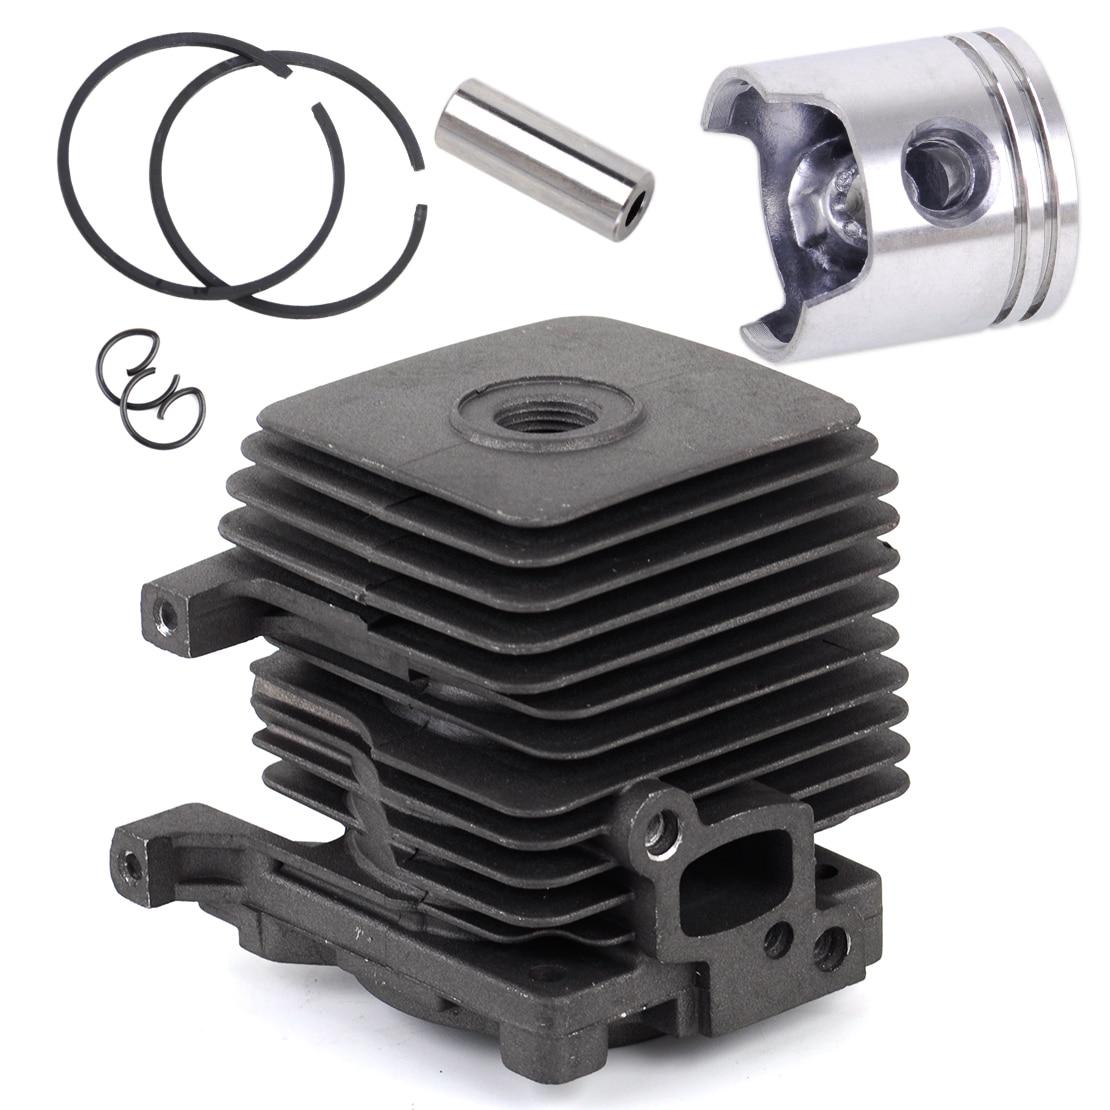 LETAOSK Cylinder Piston Kit Fit for STIHL FS55 FS45 BR45 KM55 HL45 HS45 HS55 4140 020 1202Accessories